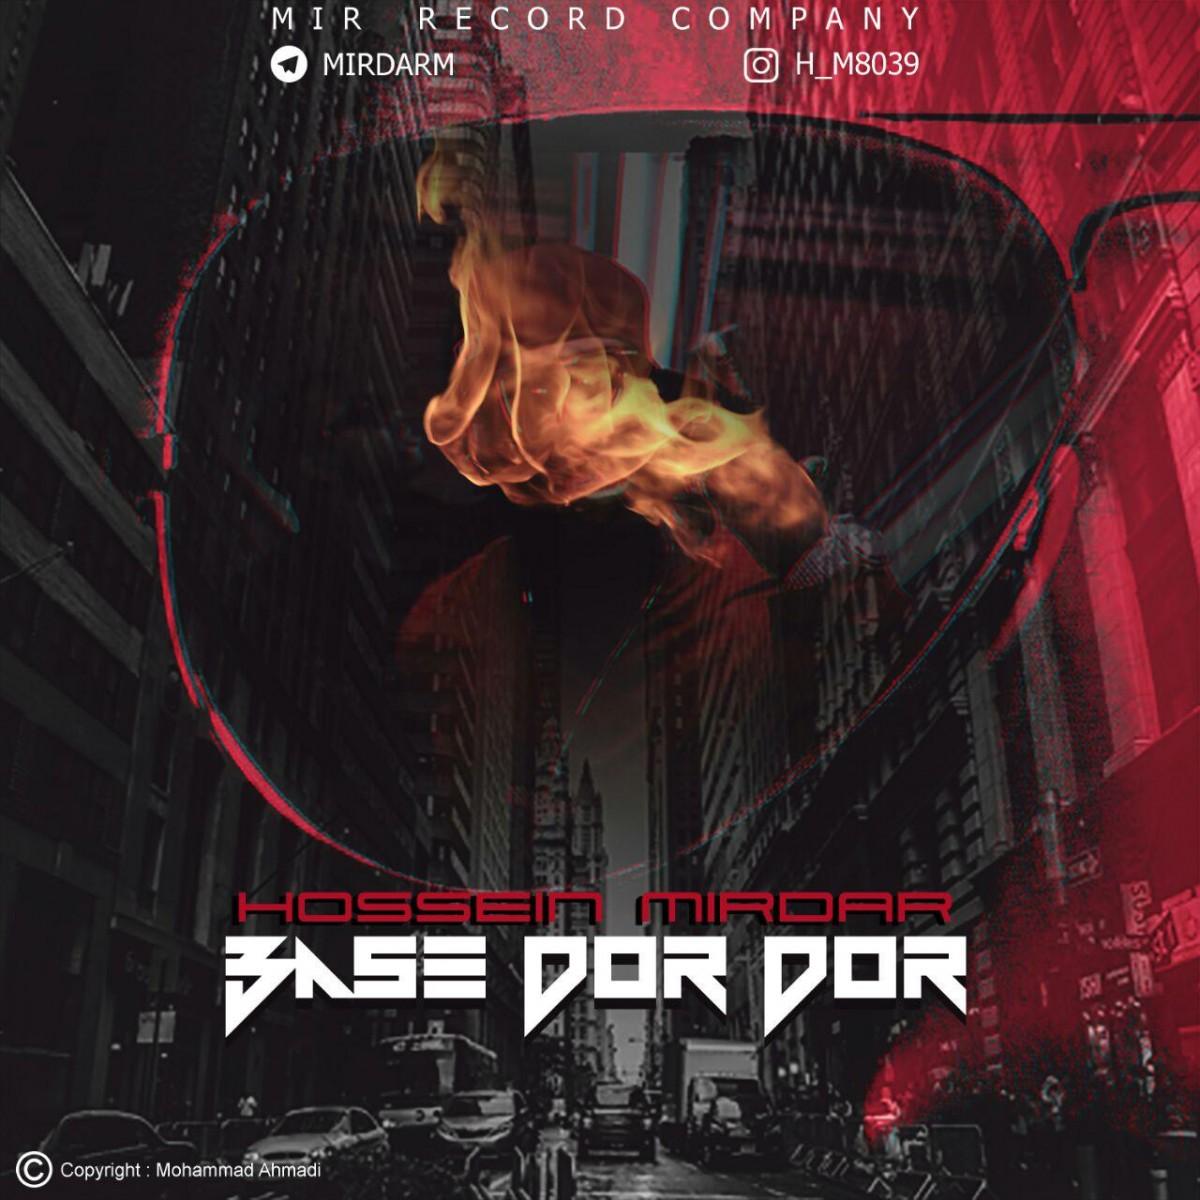 نامبر وان موزیک | دانلود آهنگ جدید Hossein-Mirdar-Base-Dor-Dor